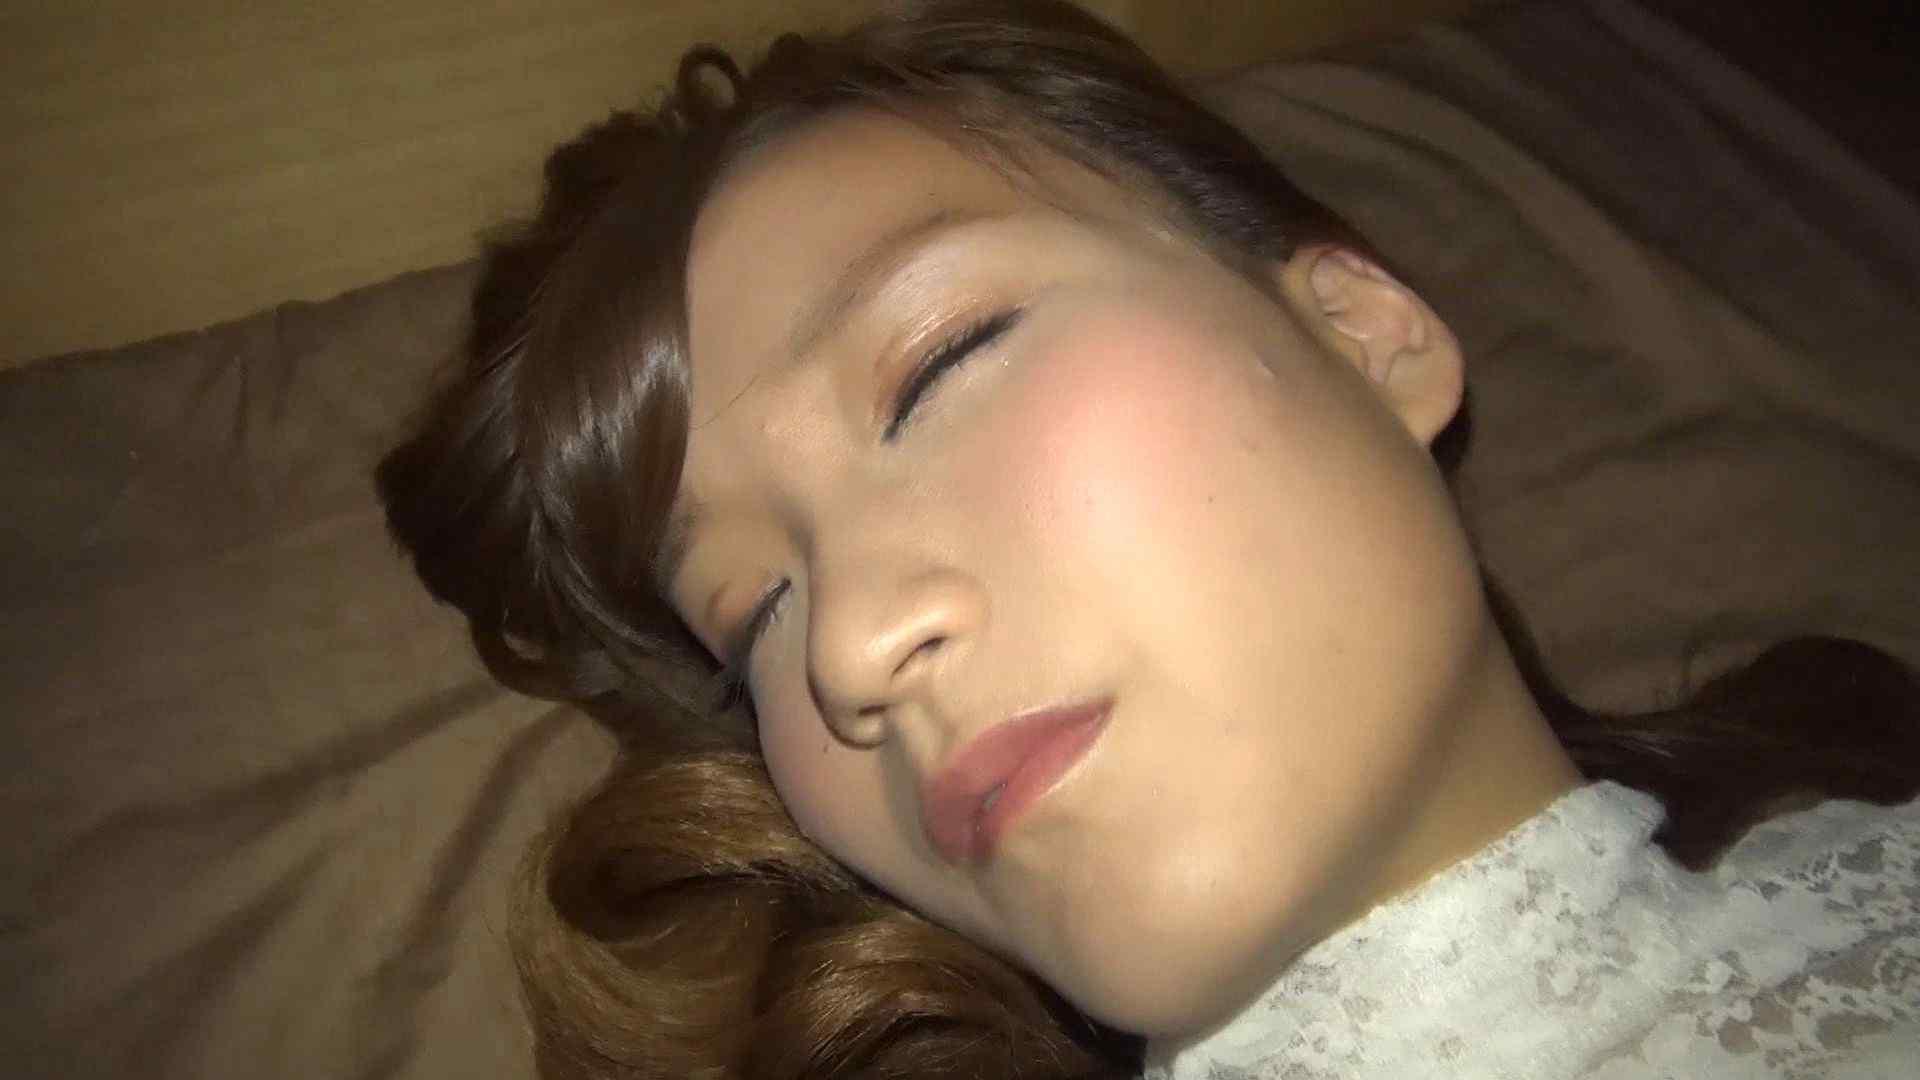 変態ギャル姫のH Vol.10 後編 マンコ映像 アダルト動画キャプチャ 67連発 39